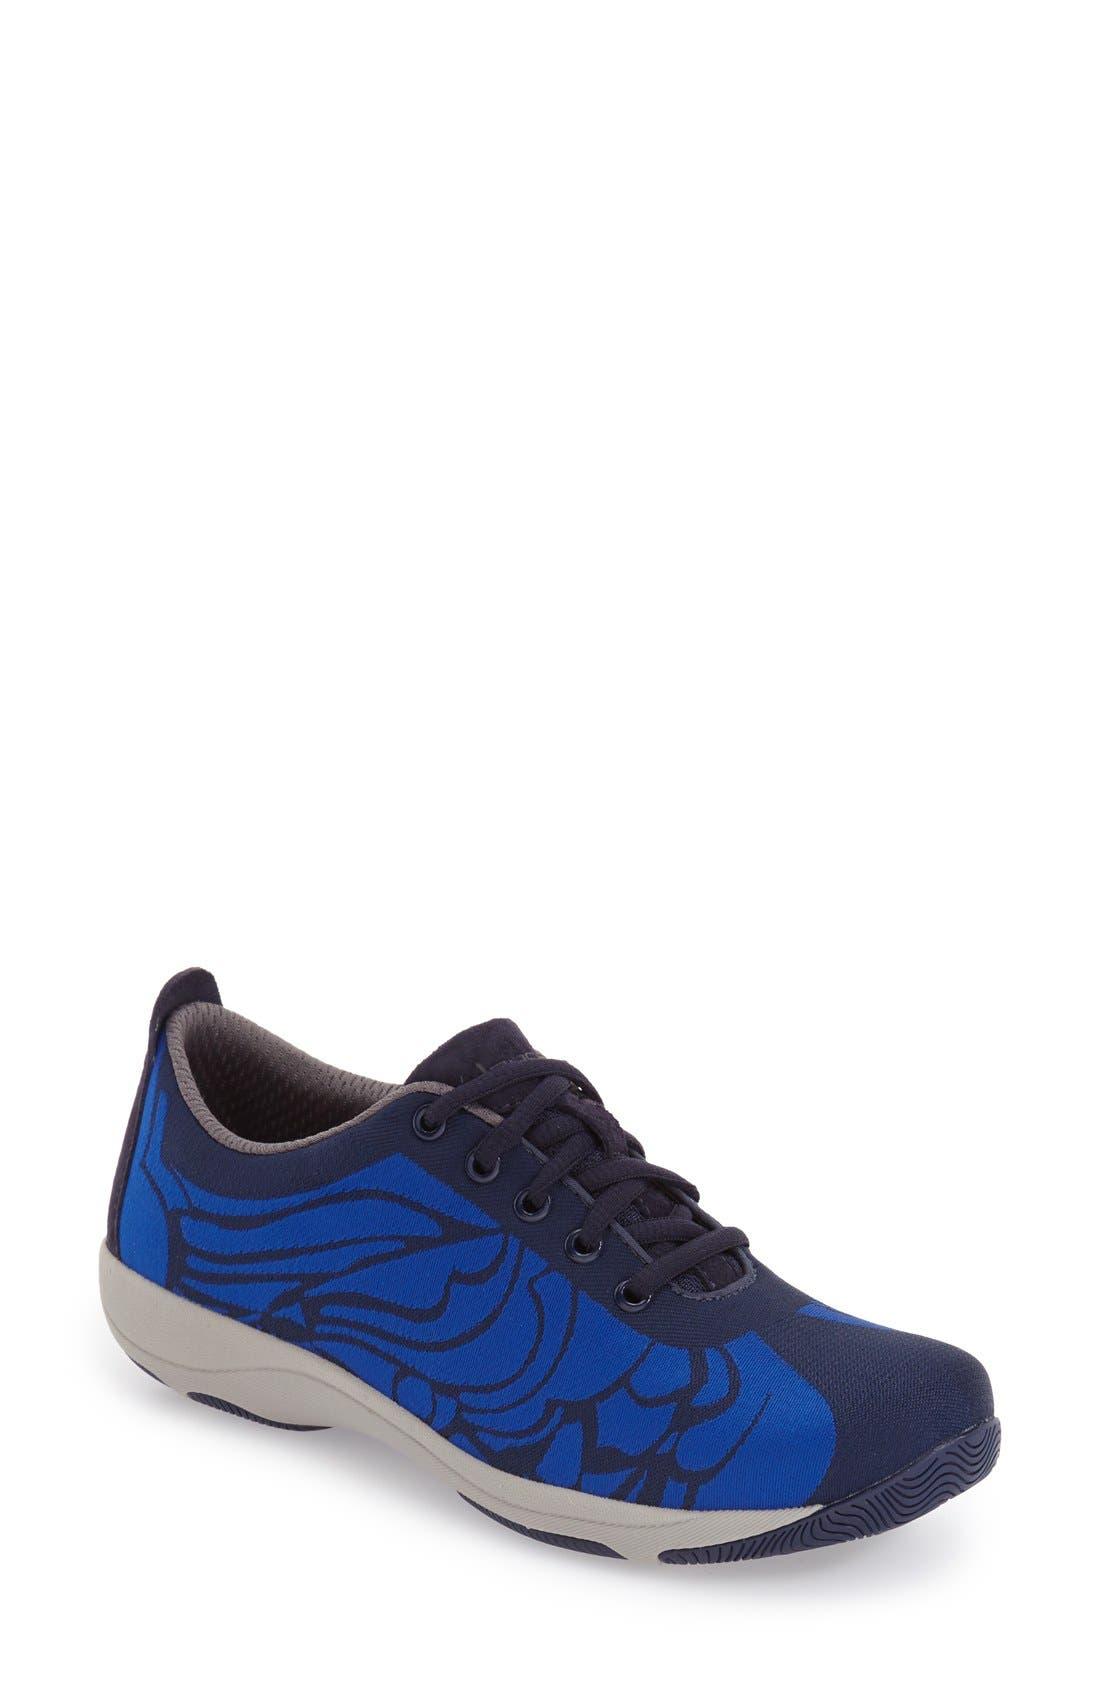 Main Image - Dansko 'Hanna' Sneaker (Women)